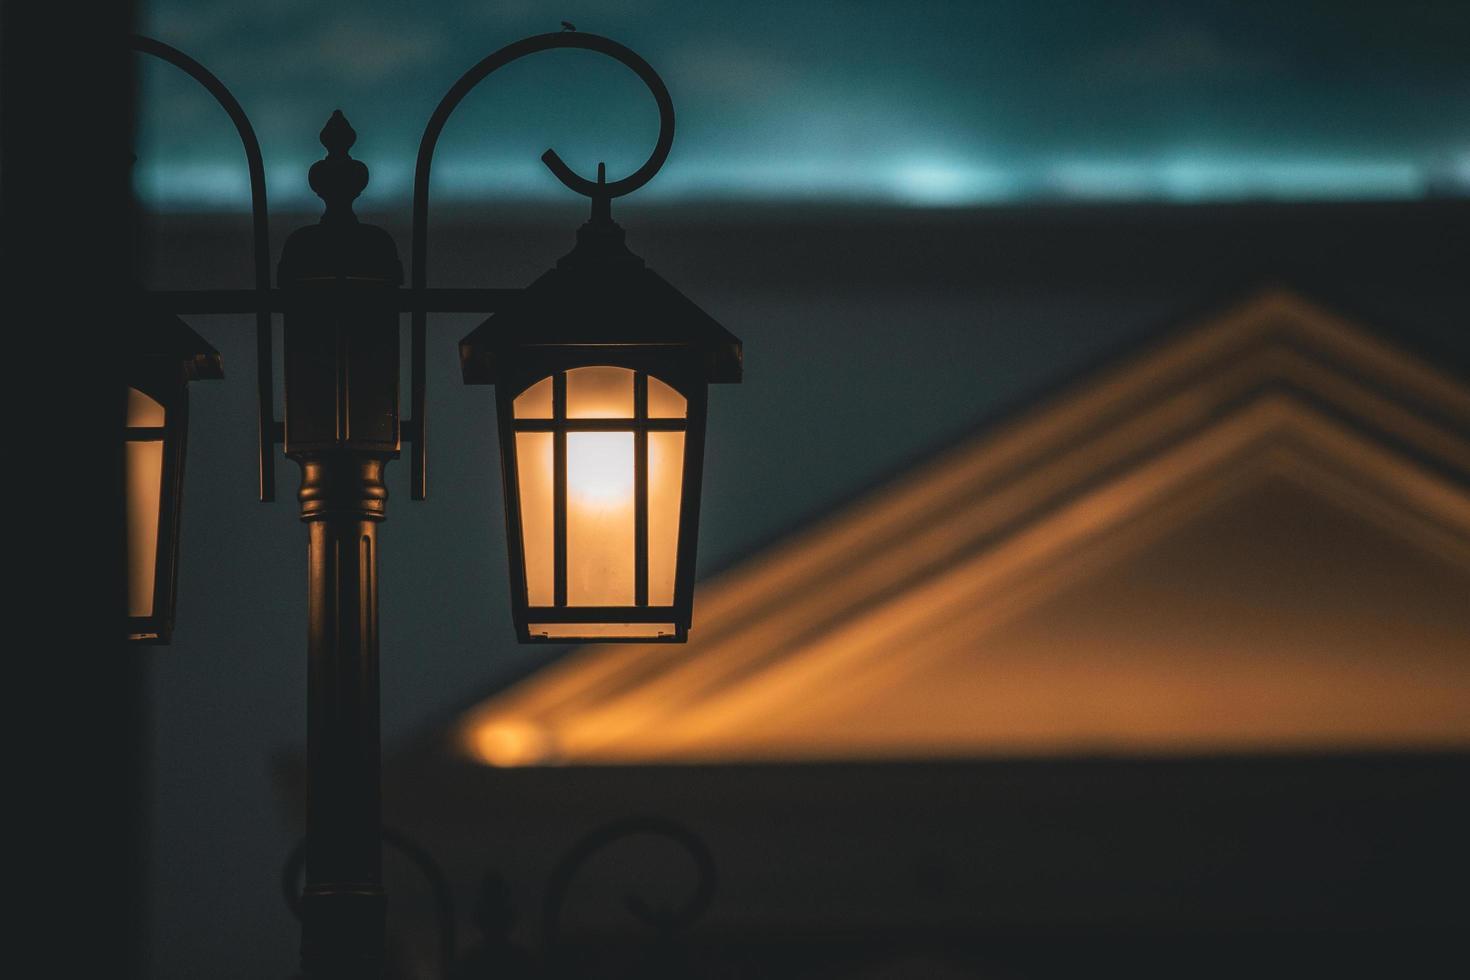 verlichte straatlantaarn foto